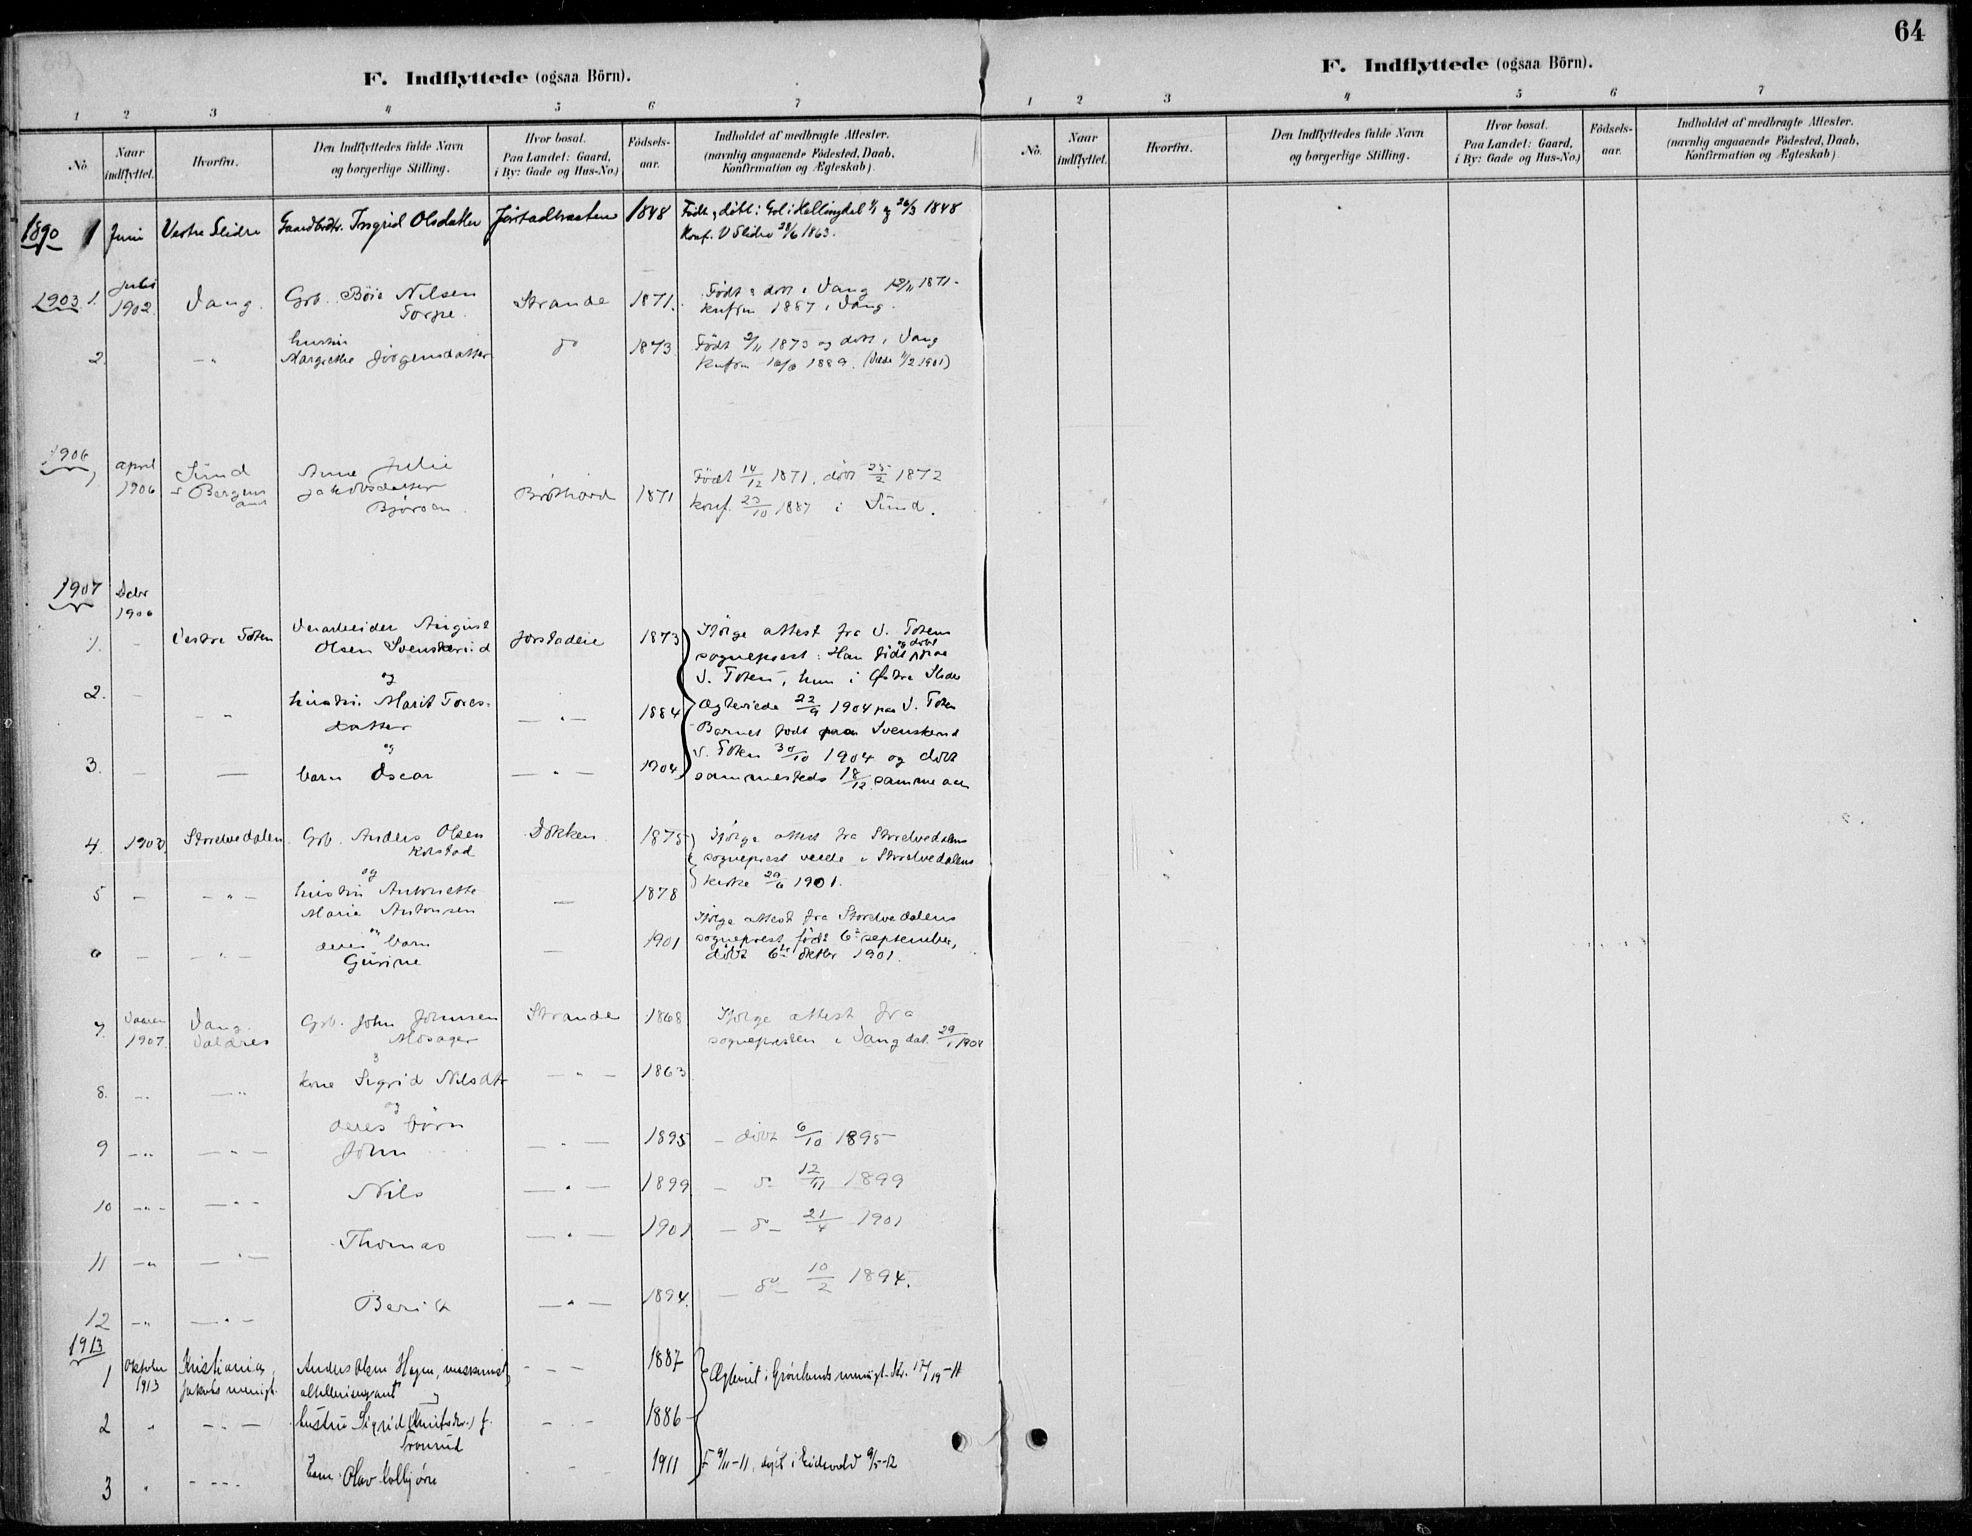 SAH, Øystre Slidre prestekontor, Ministerialbok nr. 5, 1887-1916, s. 64